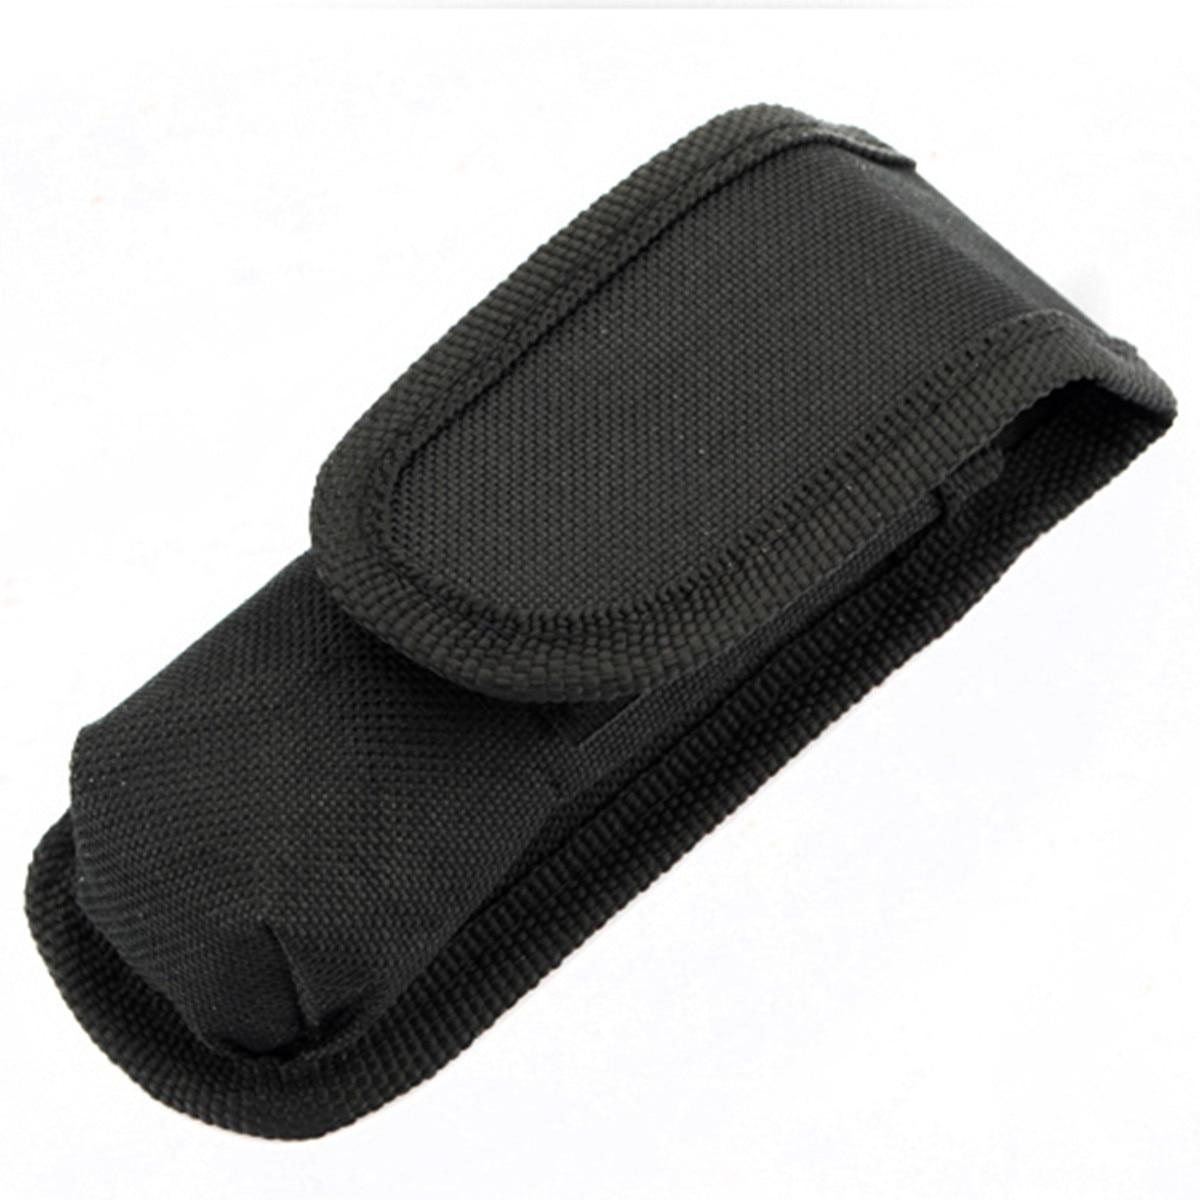 ที่มีคุณภาพสูงสีดำไนล่อนเมจิกสติ๊กเกอร์ซองไฟฉายกระเป๋าไฟฉายปกกรณีกระเป๋าเข็มขัดพับขนา...